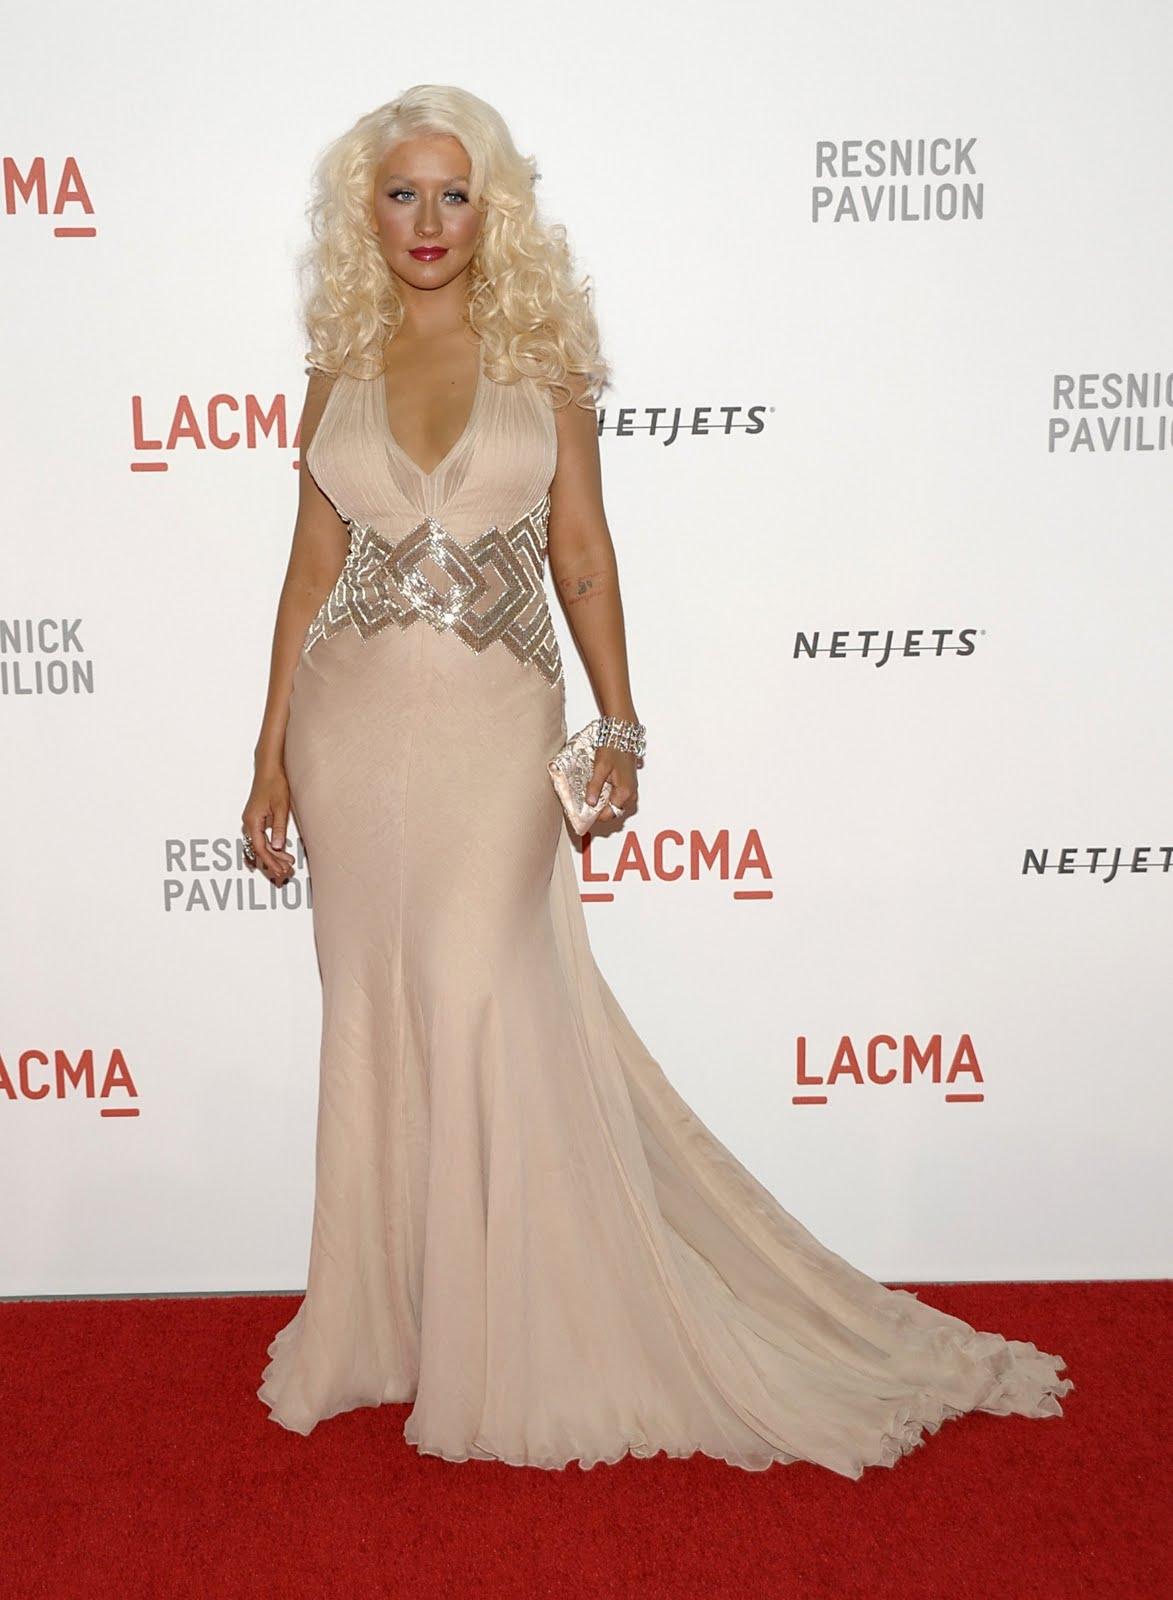 http://2.bp.blogspot.com/_rPuhgiGm-xw/TKDm6qGRnrI/AAAAAAAABts/dV_tXy3-m4U/s1600/Christina-Aguilera-2.jpg